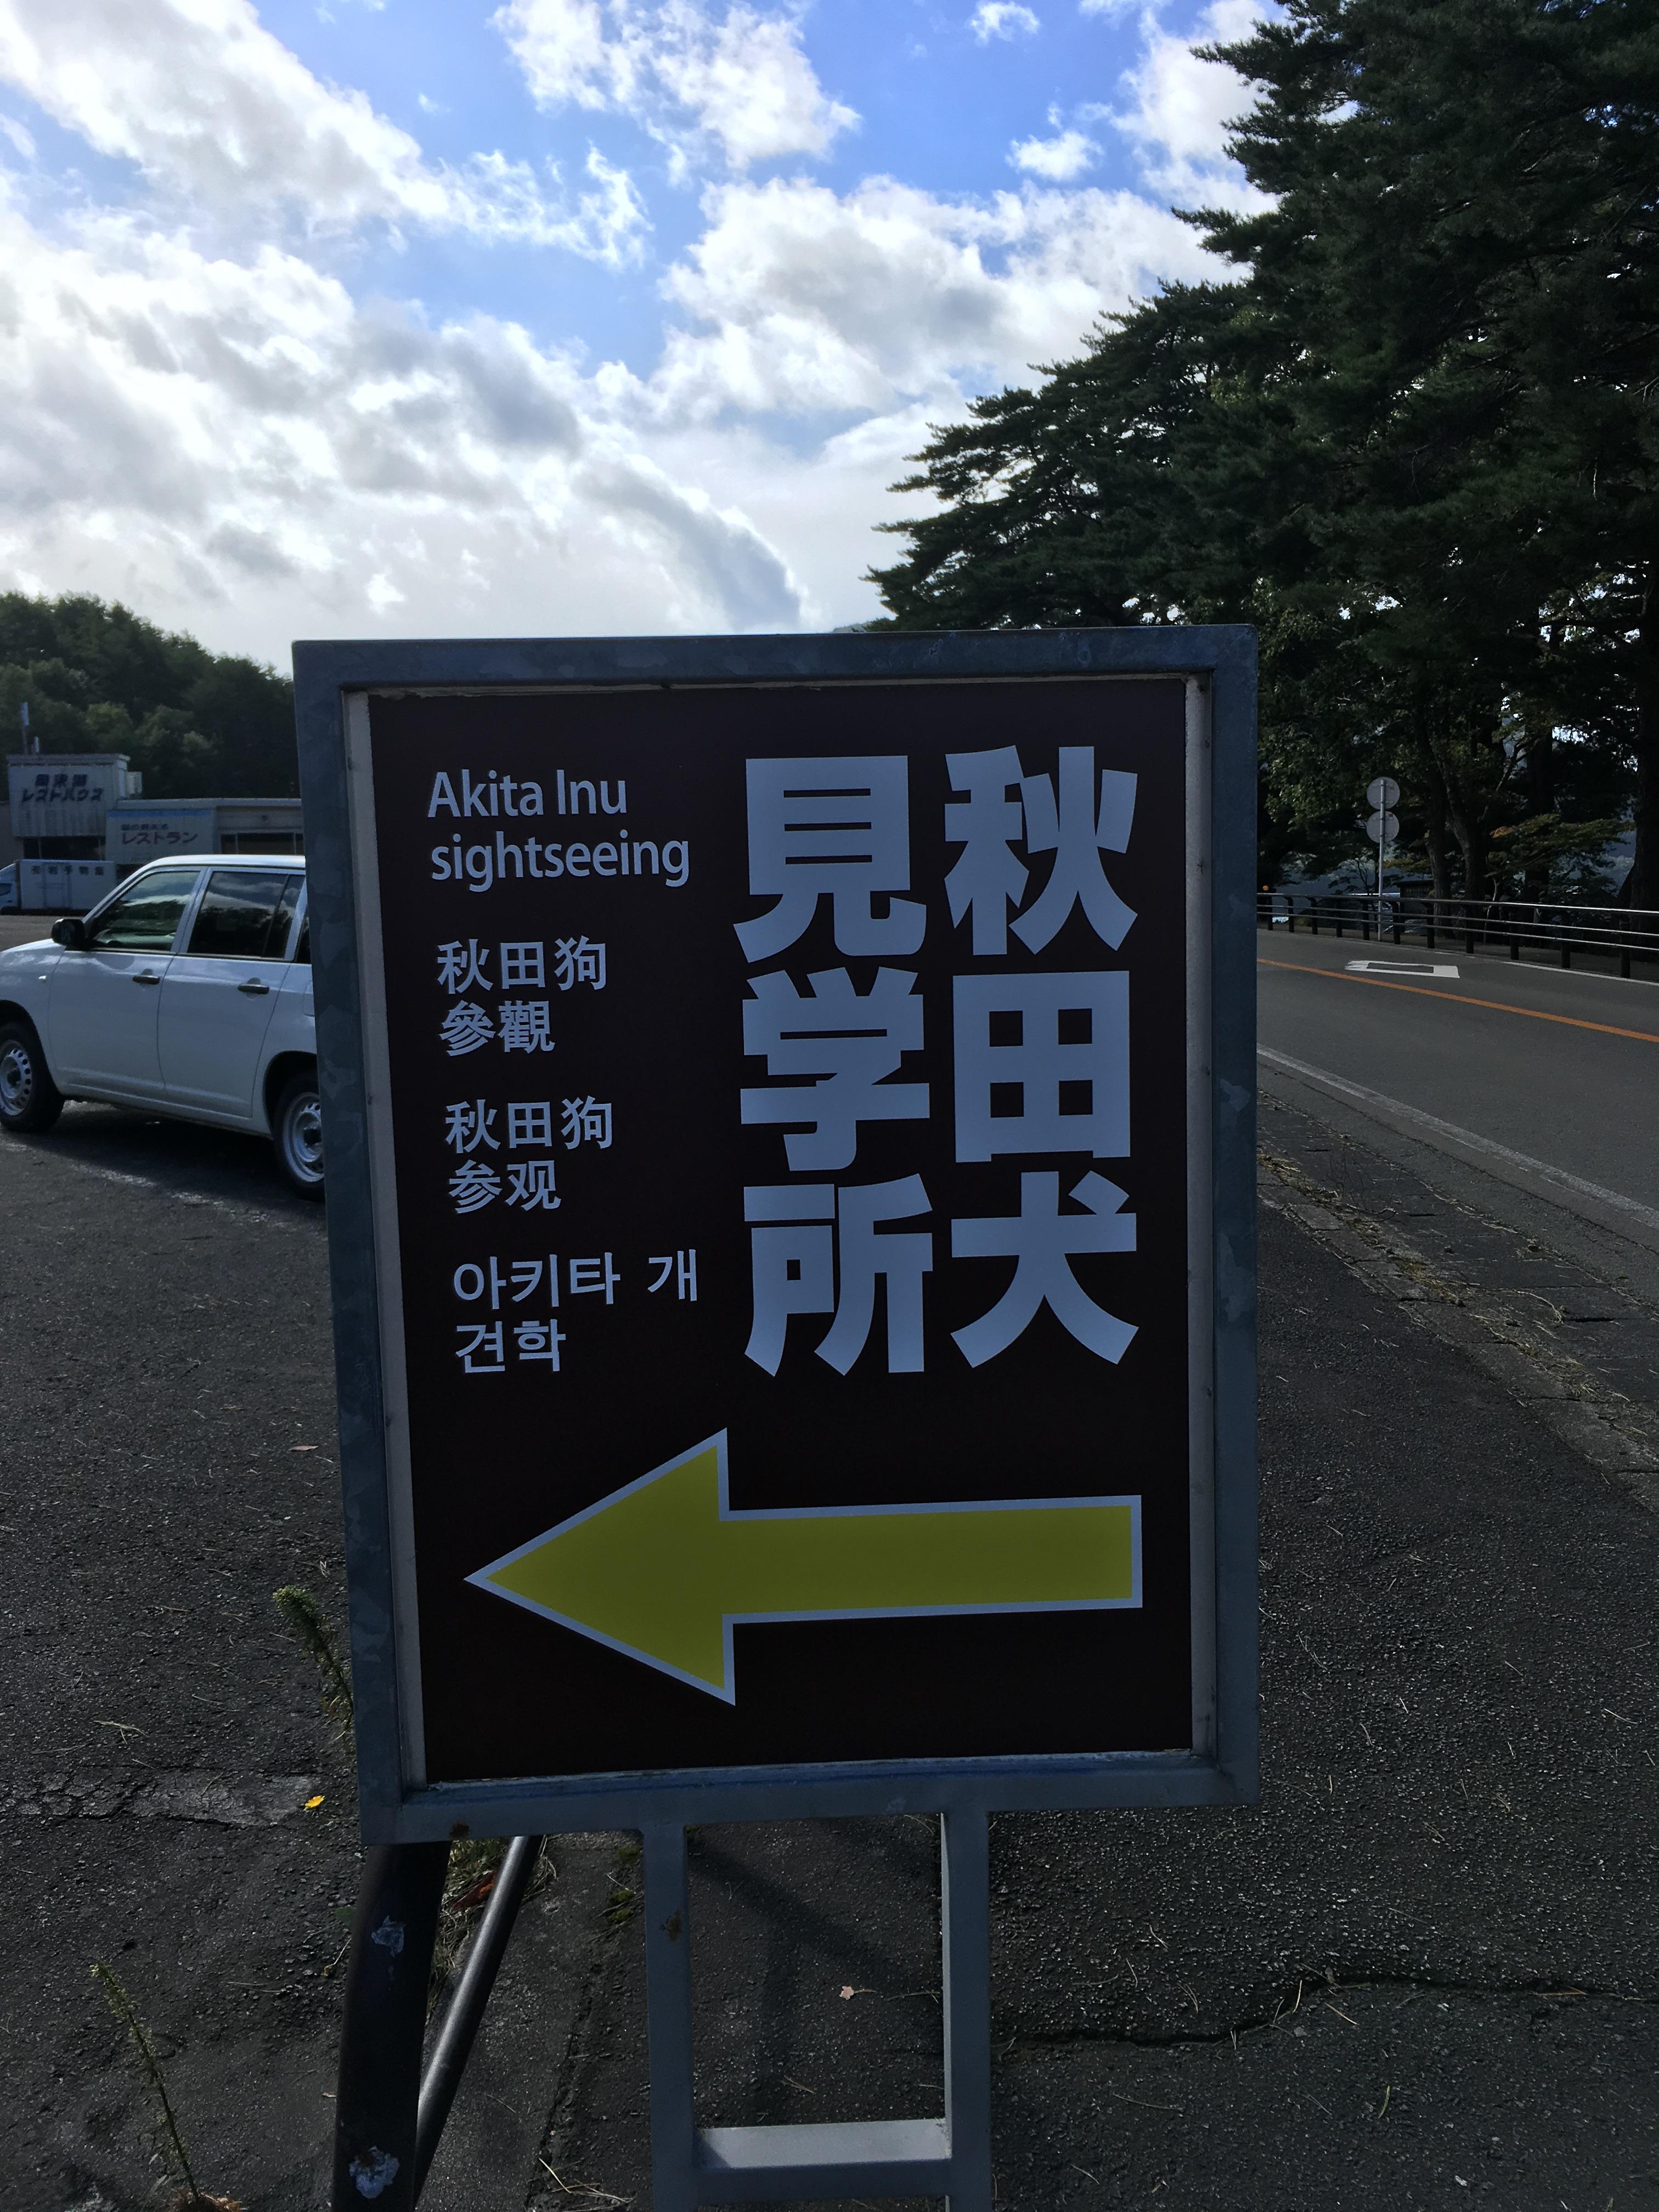 秋田犬見学所